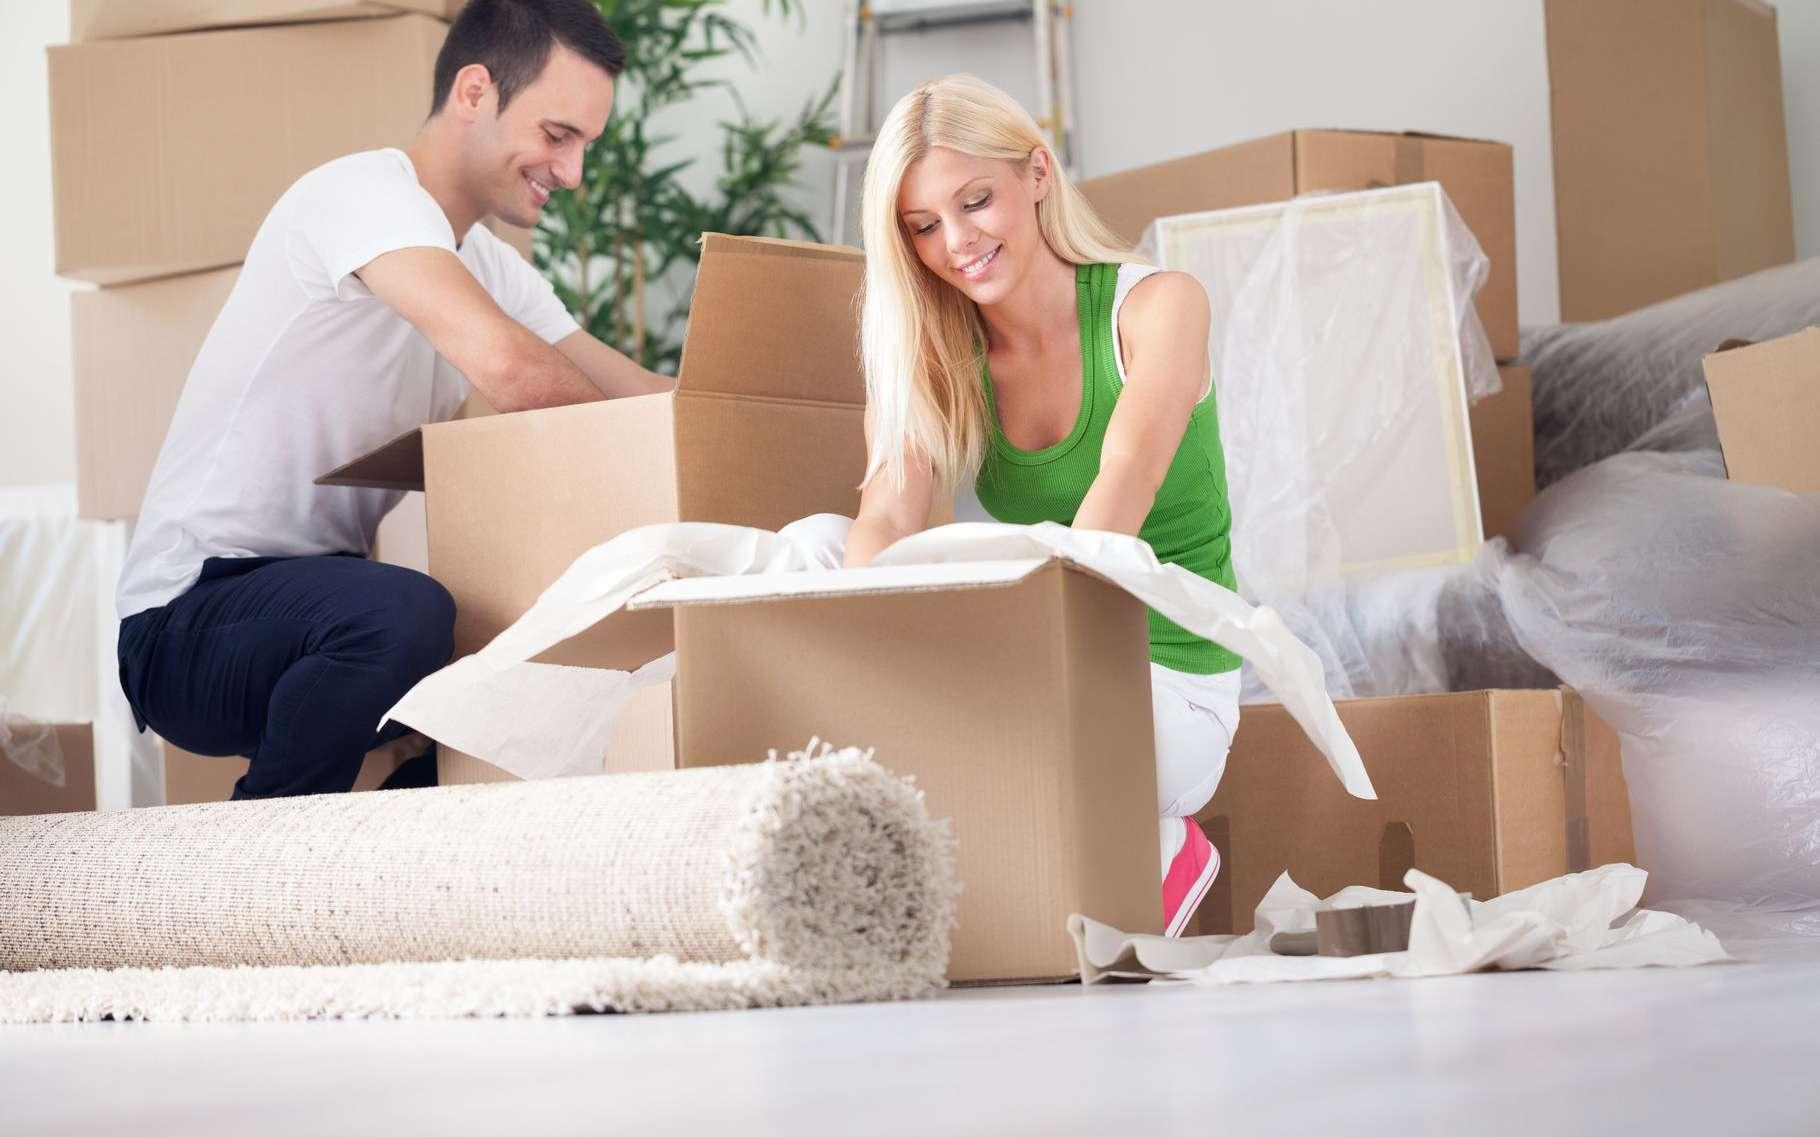 Un déménagement bien préparé est la clé du succès et surtout la garantie de réaliser de vraies économies. © Lucky Business, Shutterstock